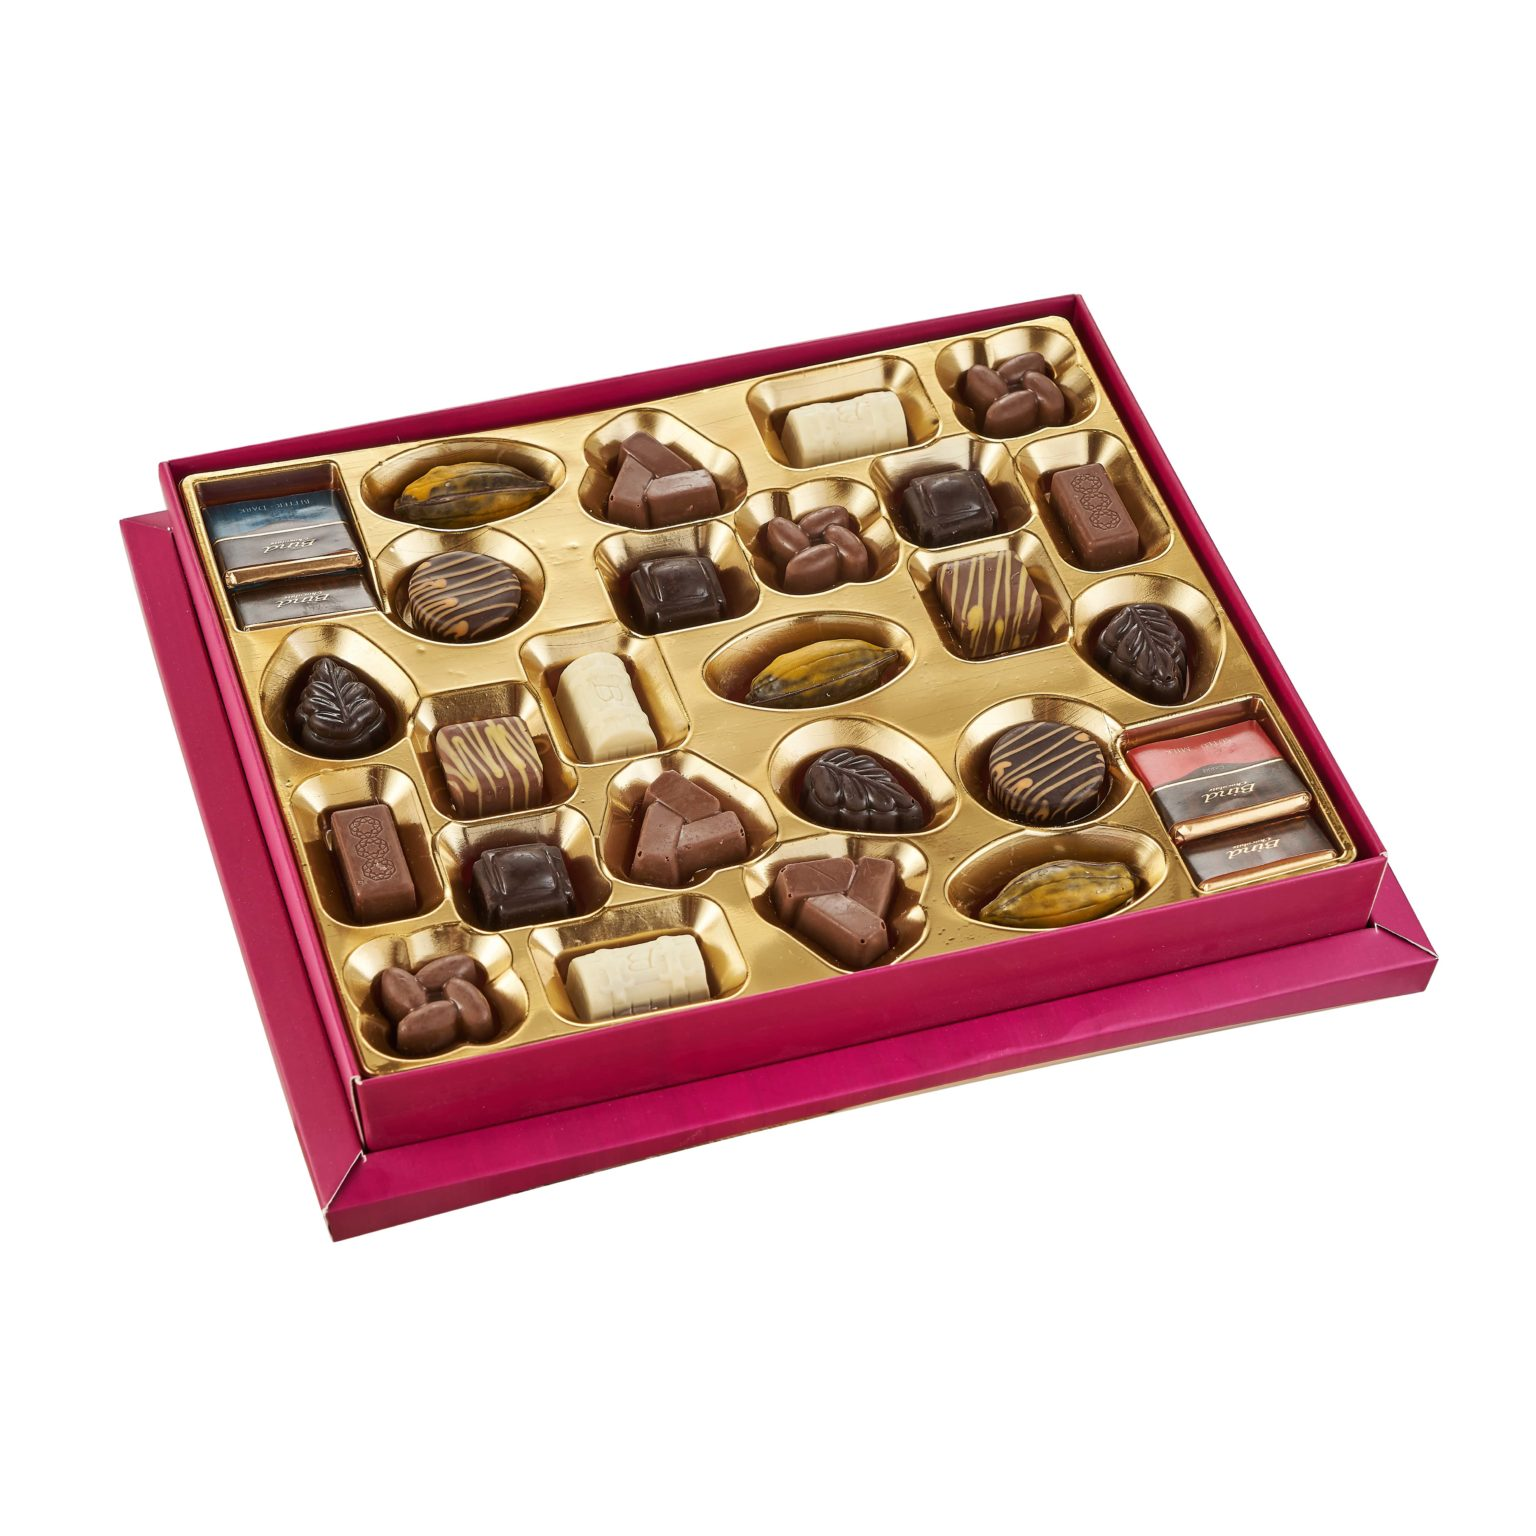 Эксклюзивный подарочный набор конфет Pink